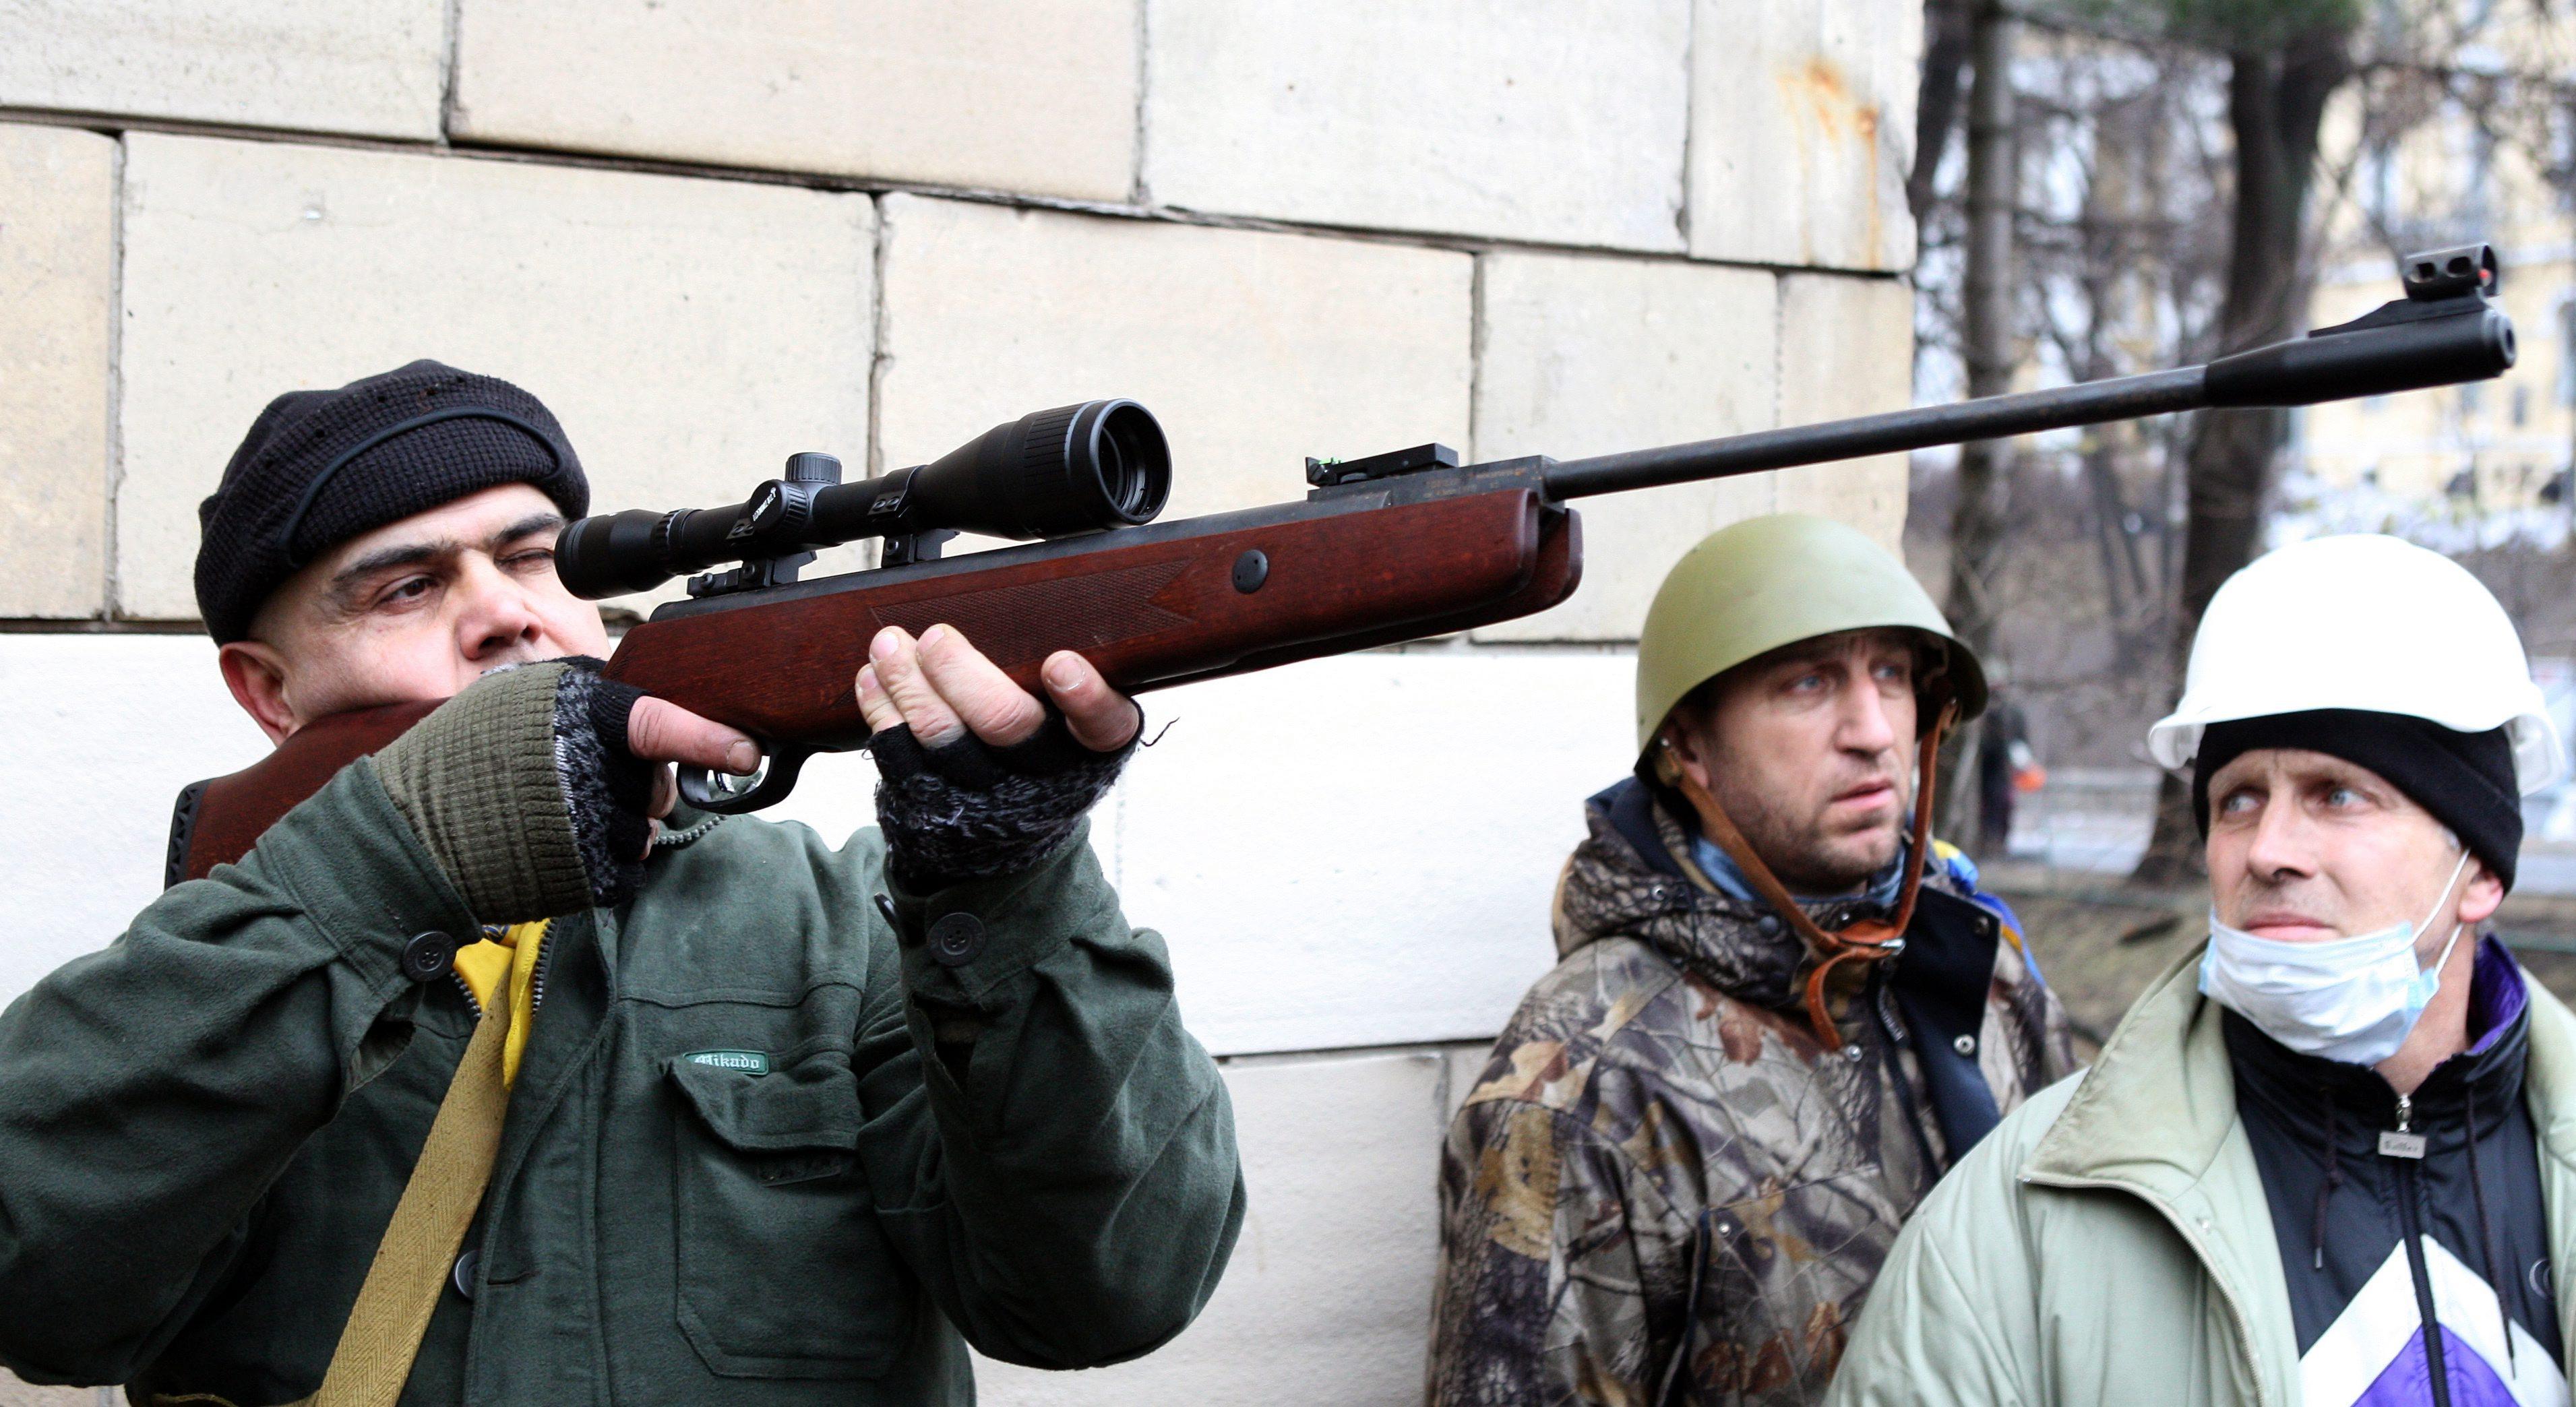 Картинки по запросу снайперов, убивавших людей на Киевском майдане